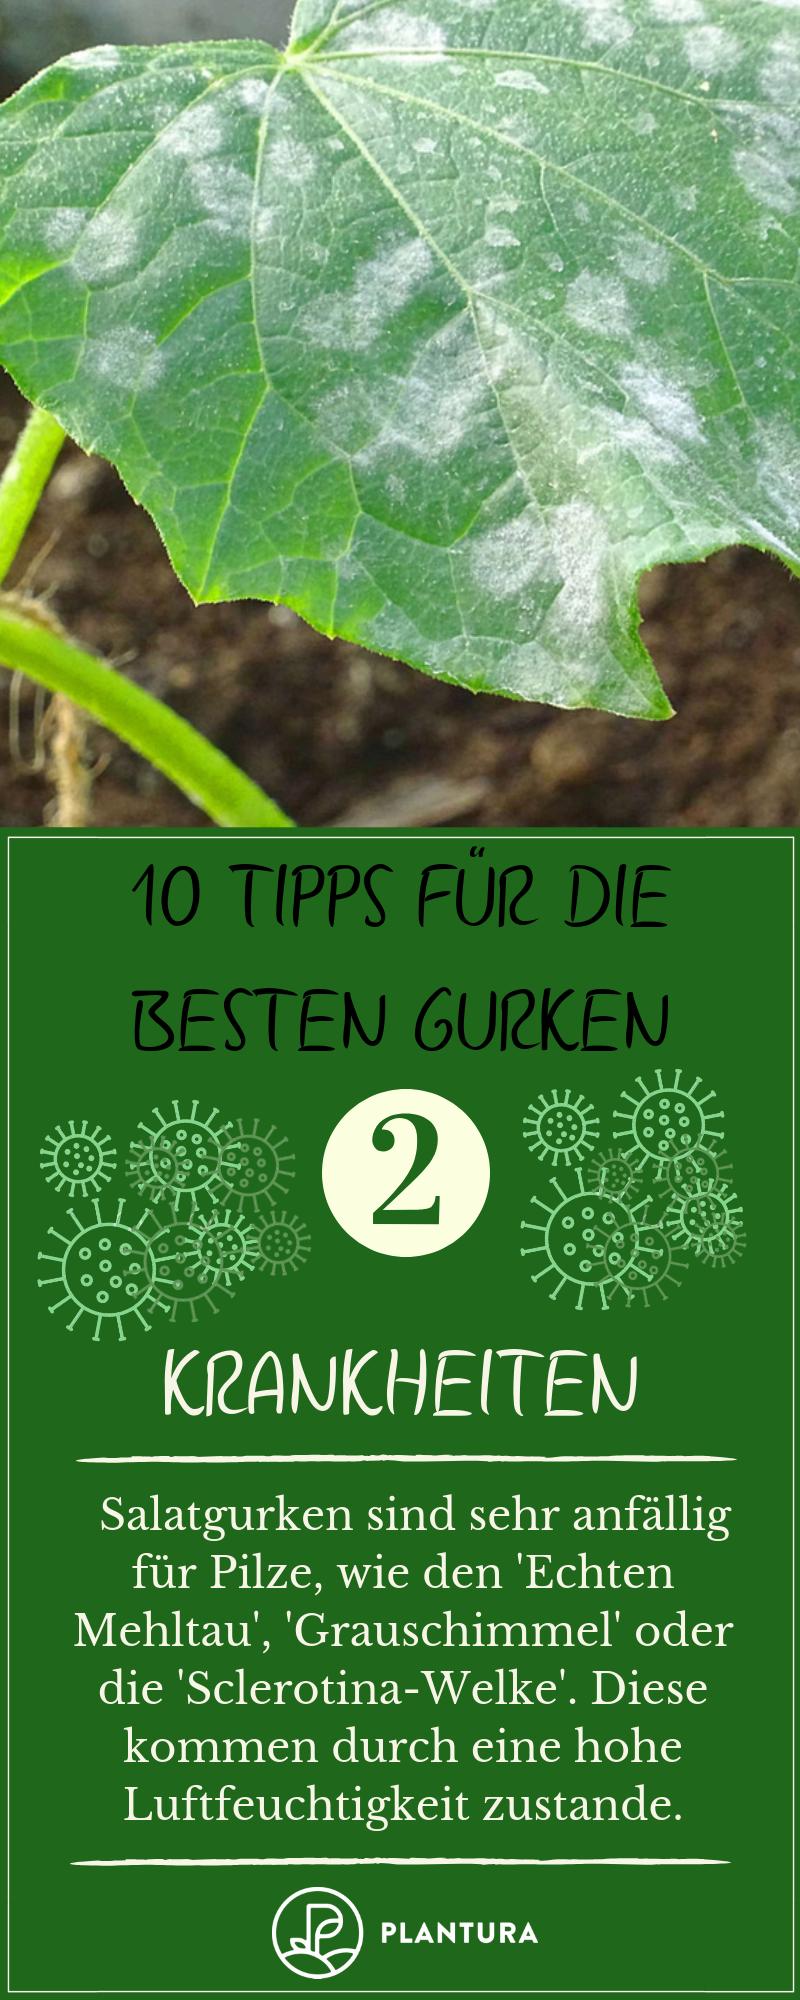 10 Tipps für die besten Gurken aus dem eigenen Garten #anbauvongemüse